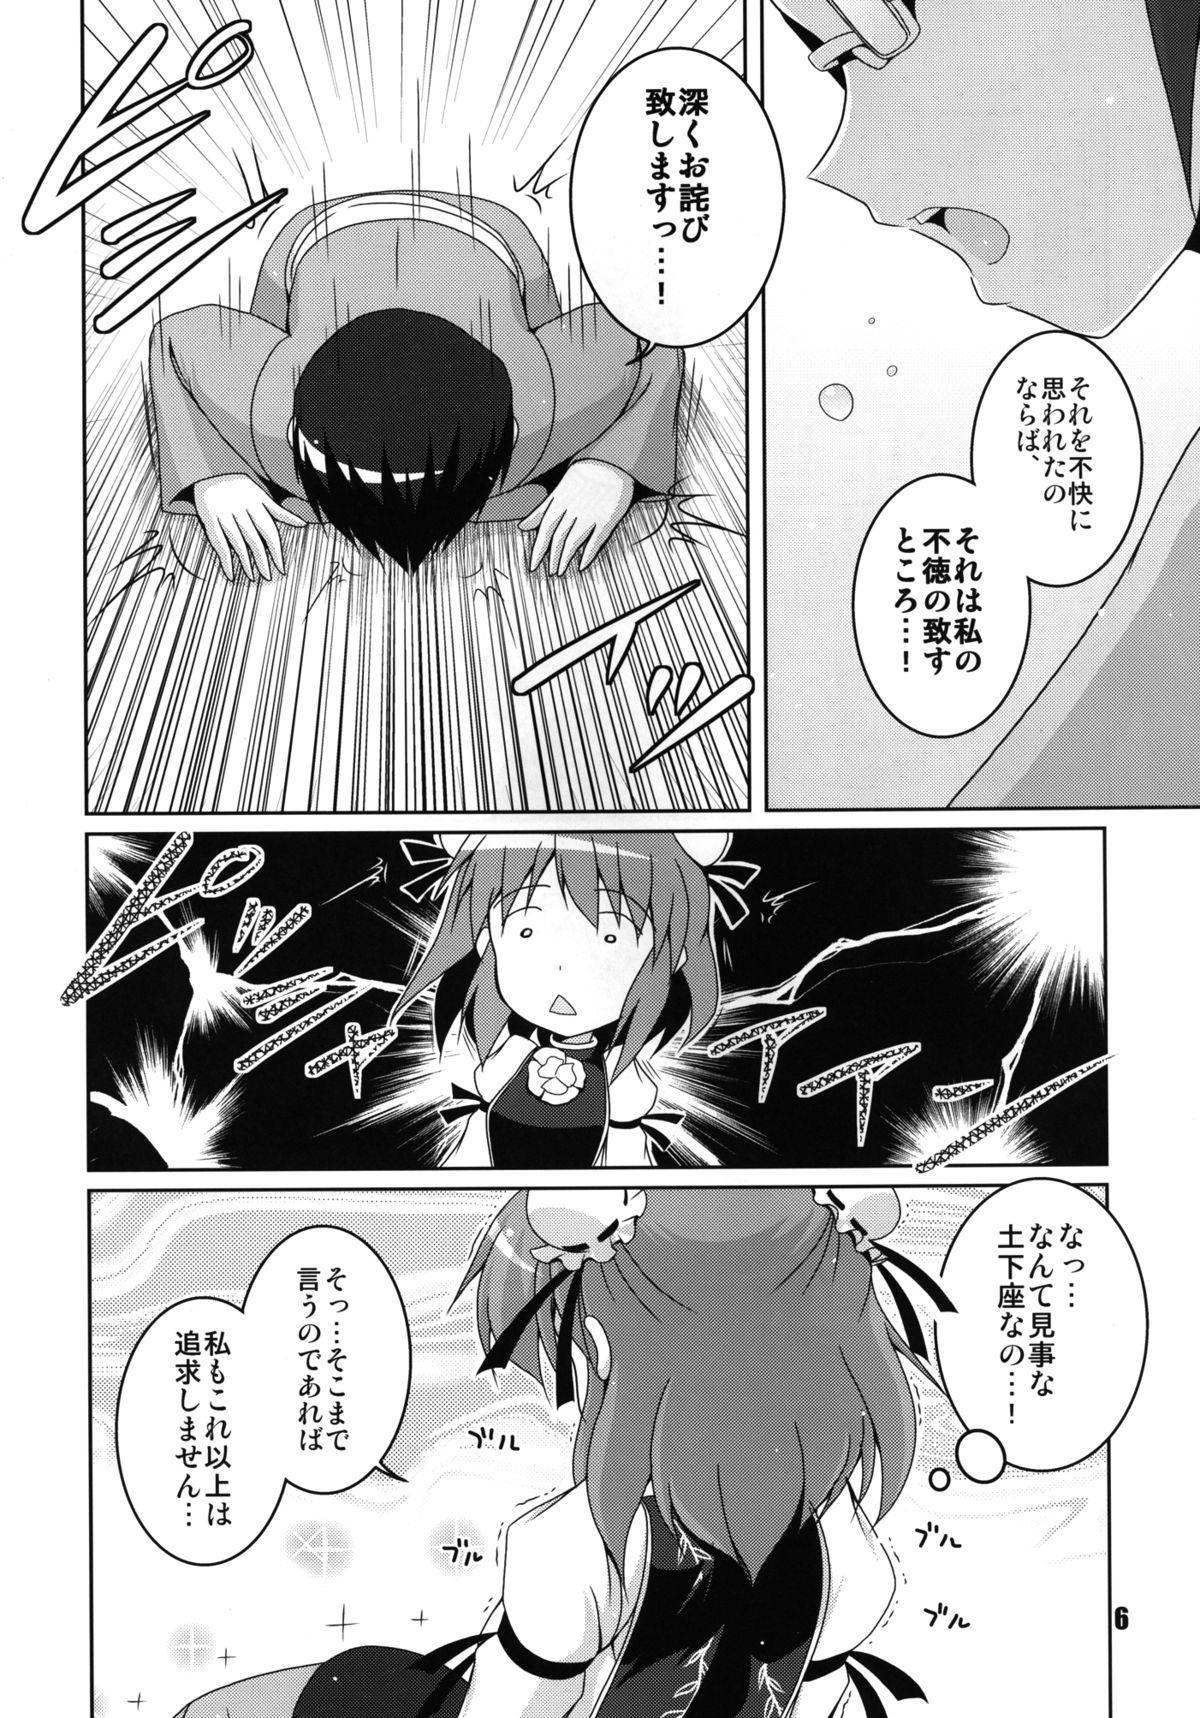 Kataude Sennin Saisun Shimasho! 5